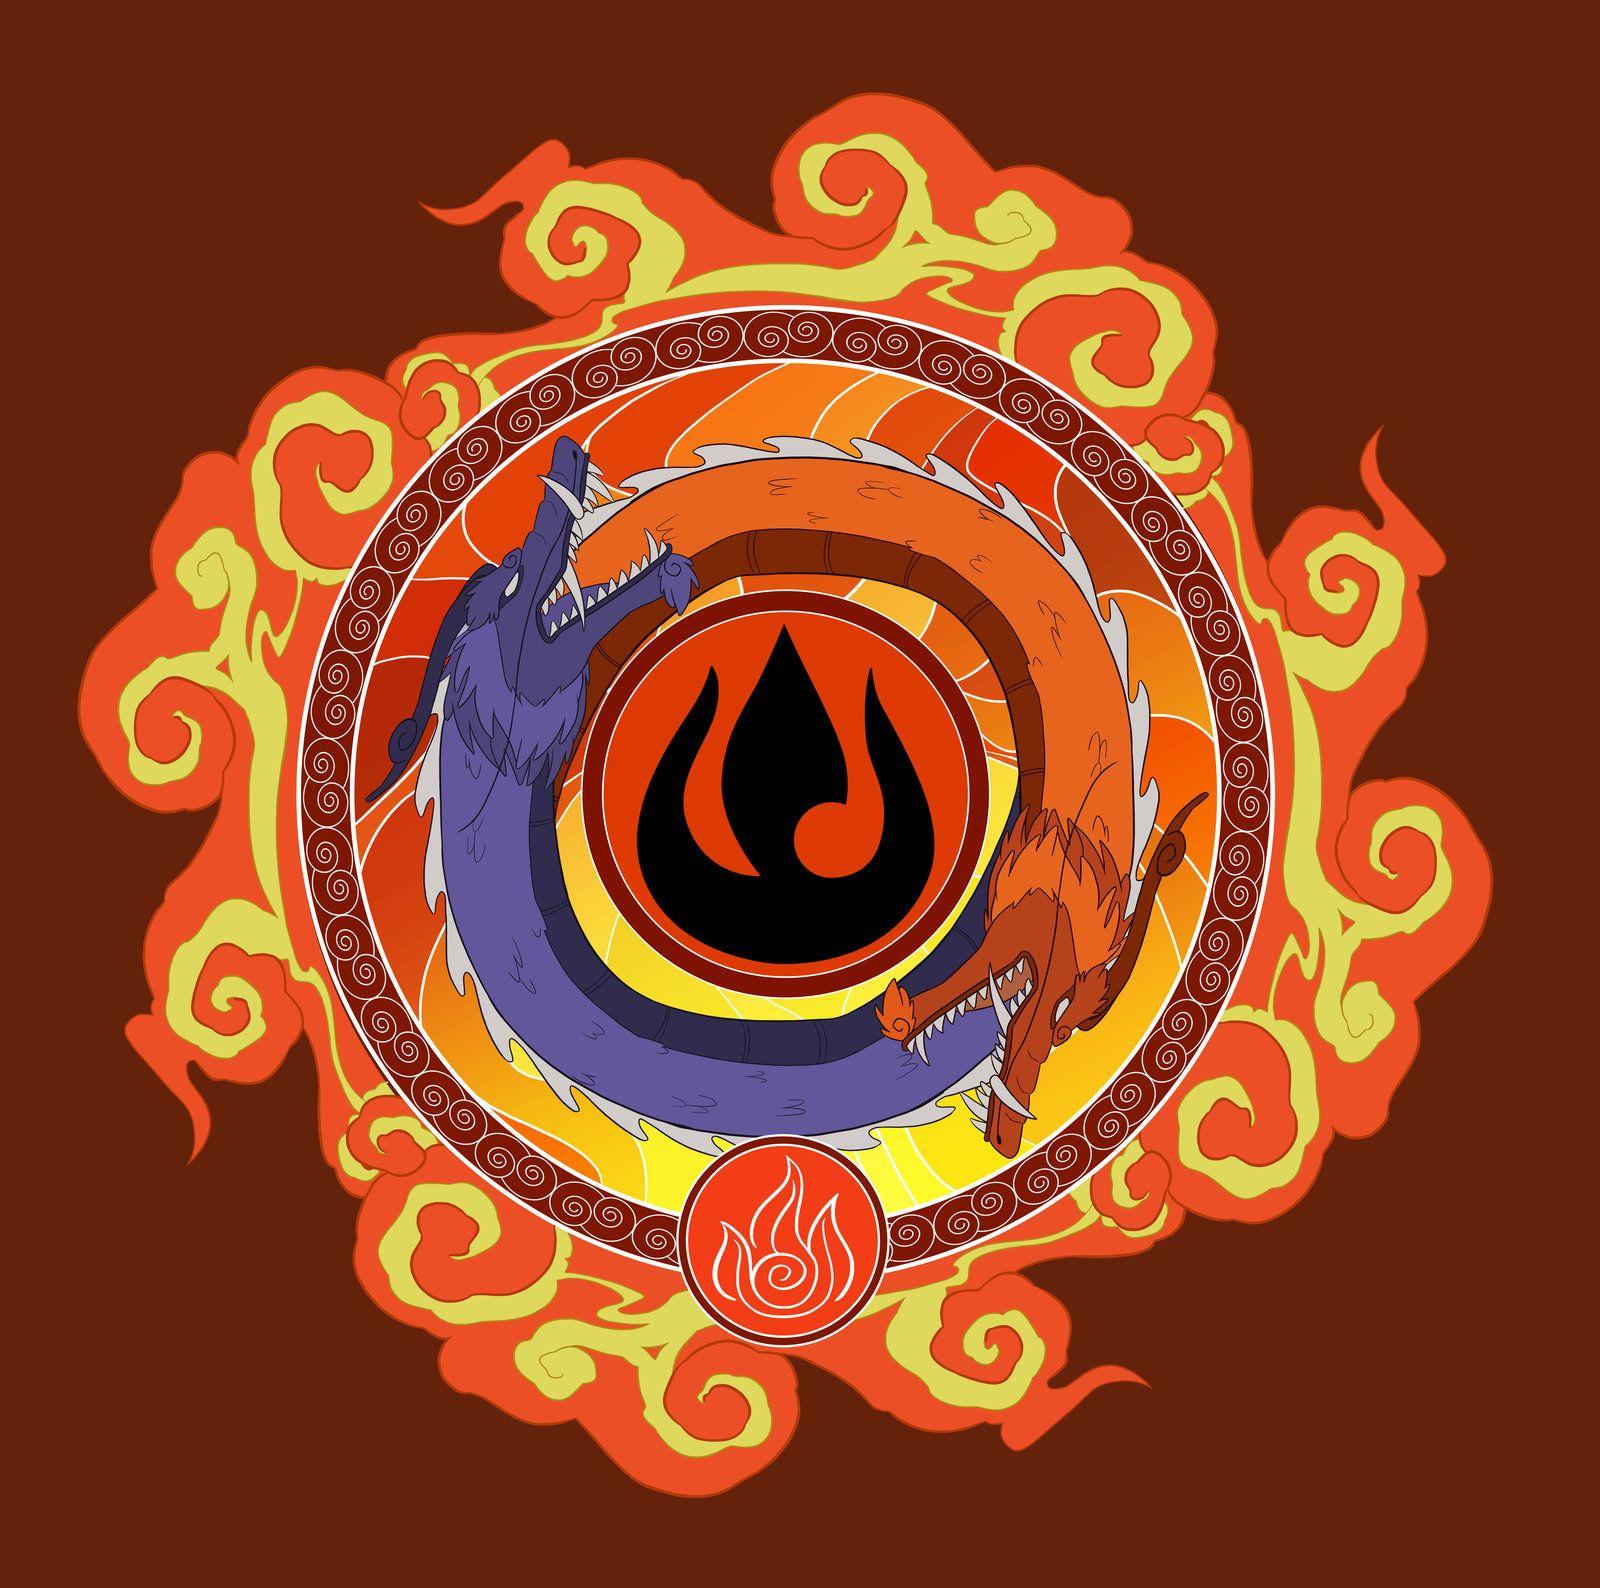 Fire avatar by alextanicieliantart on deviantart a fire avatar by alextanicieliantart on deviantart buycottarizona